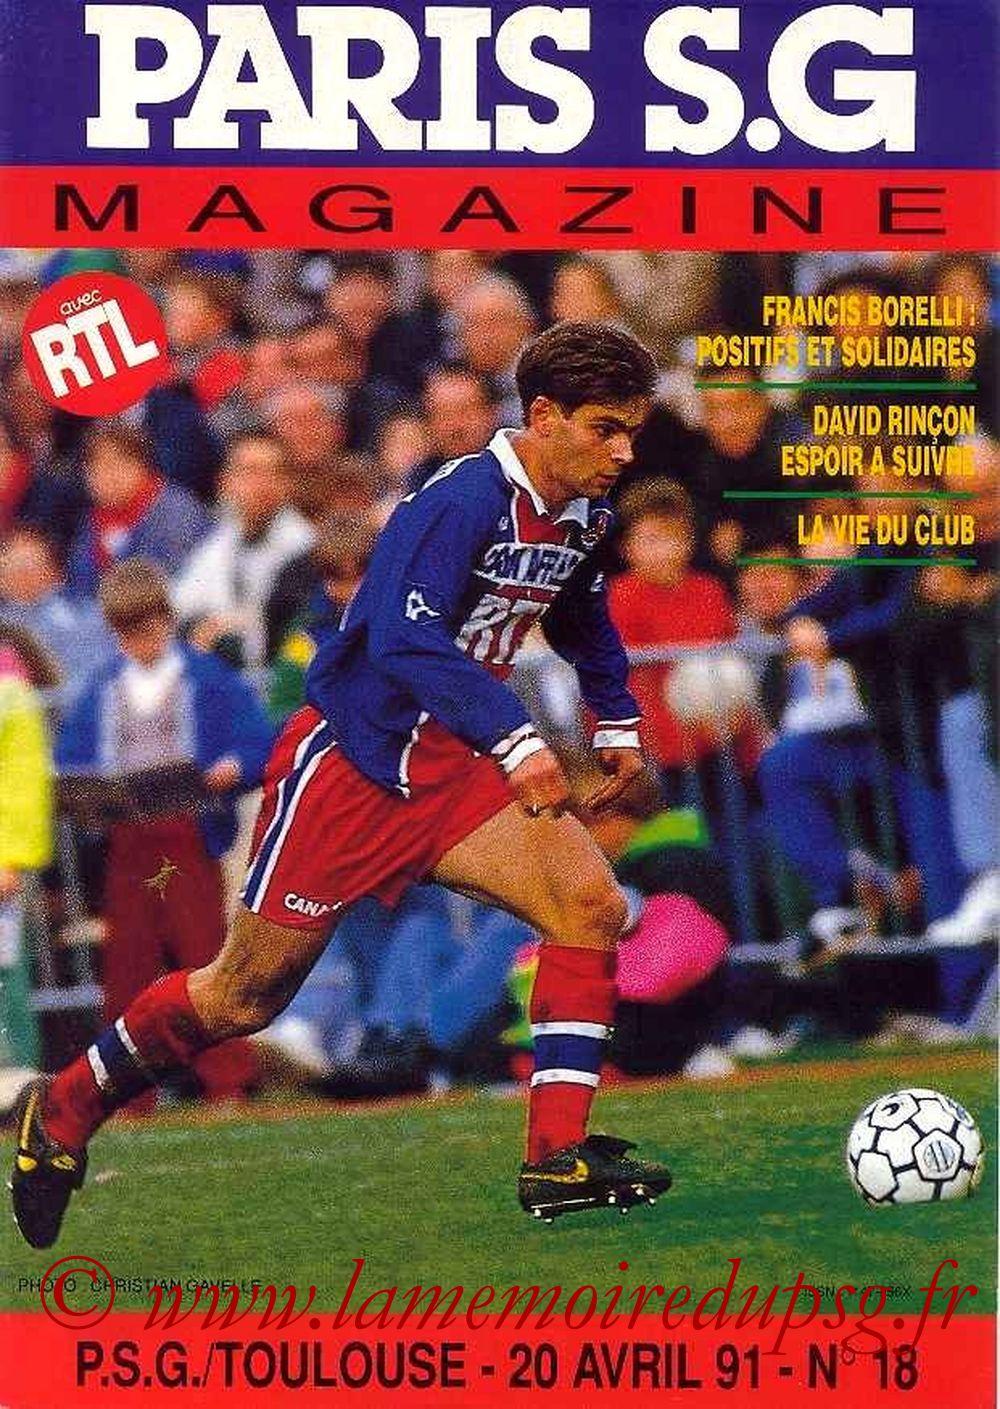 1991-04-20  PSG-Toulouse (34ème D1, Paris SG Magazine N°18)